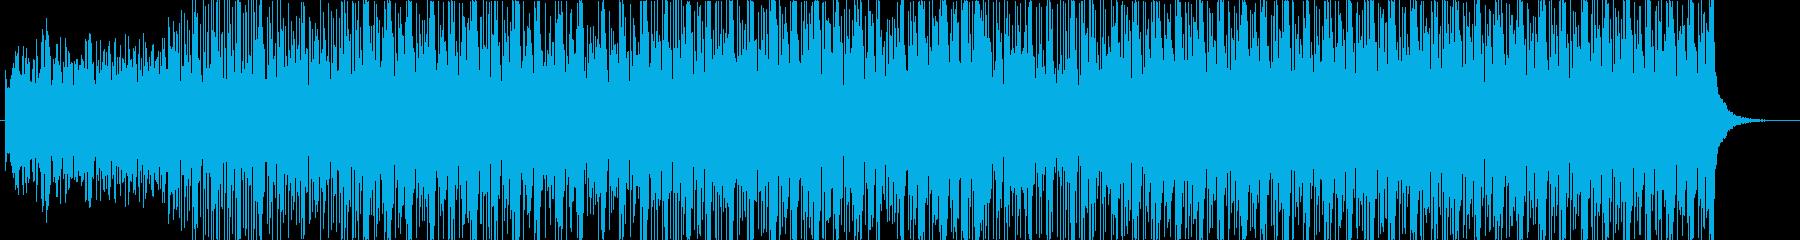 オープニングアクトの再生済みの波形